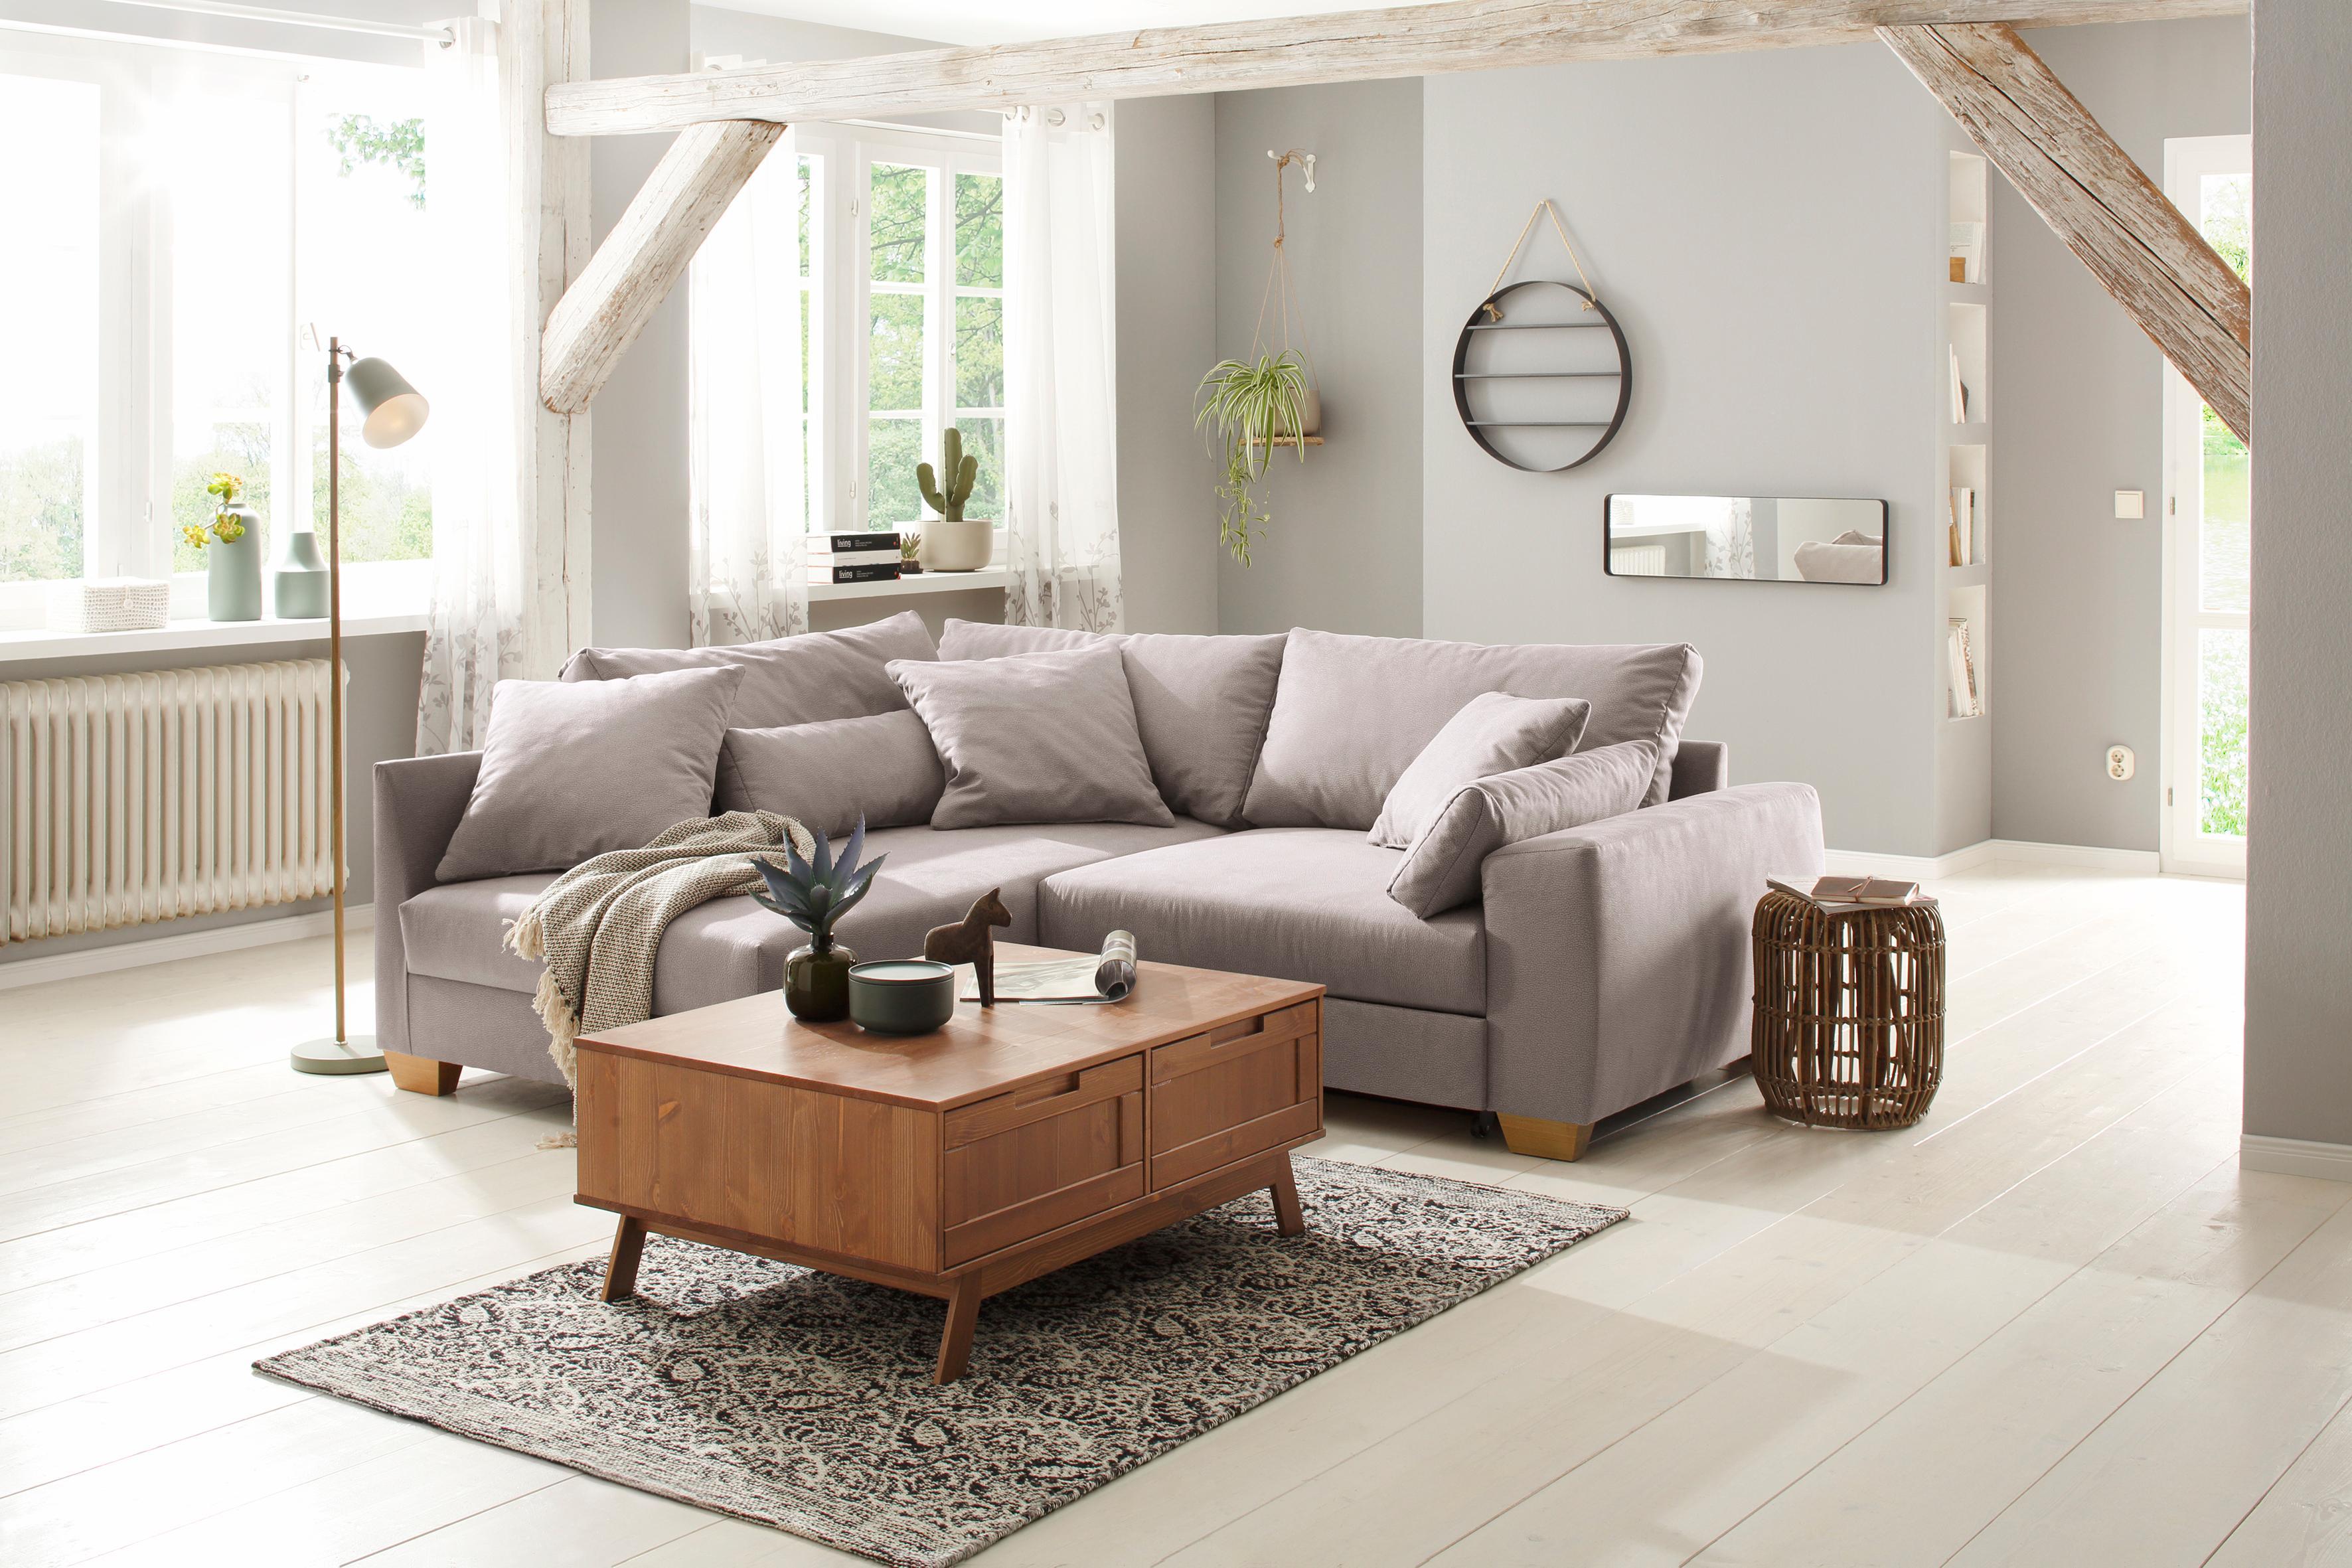 Home affaire Couchtisch Ohio im traditionellem Design mit zwei Klappen für viel Stauraum Breite 100 cm